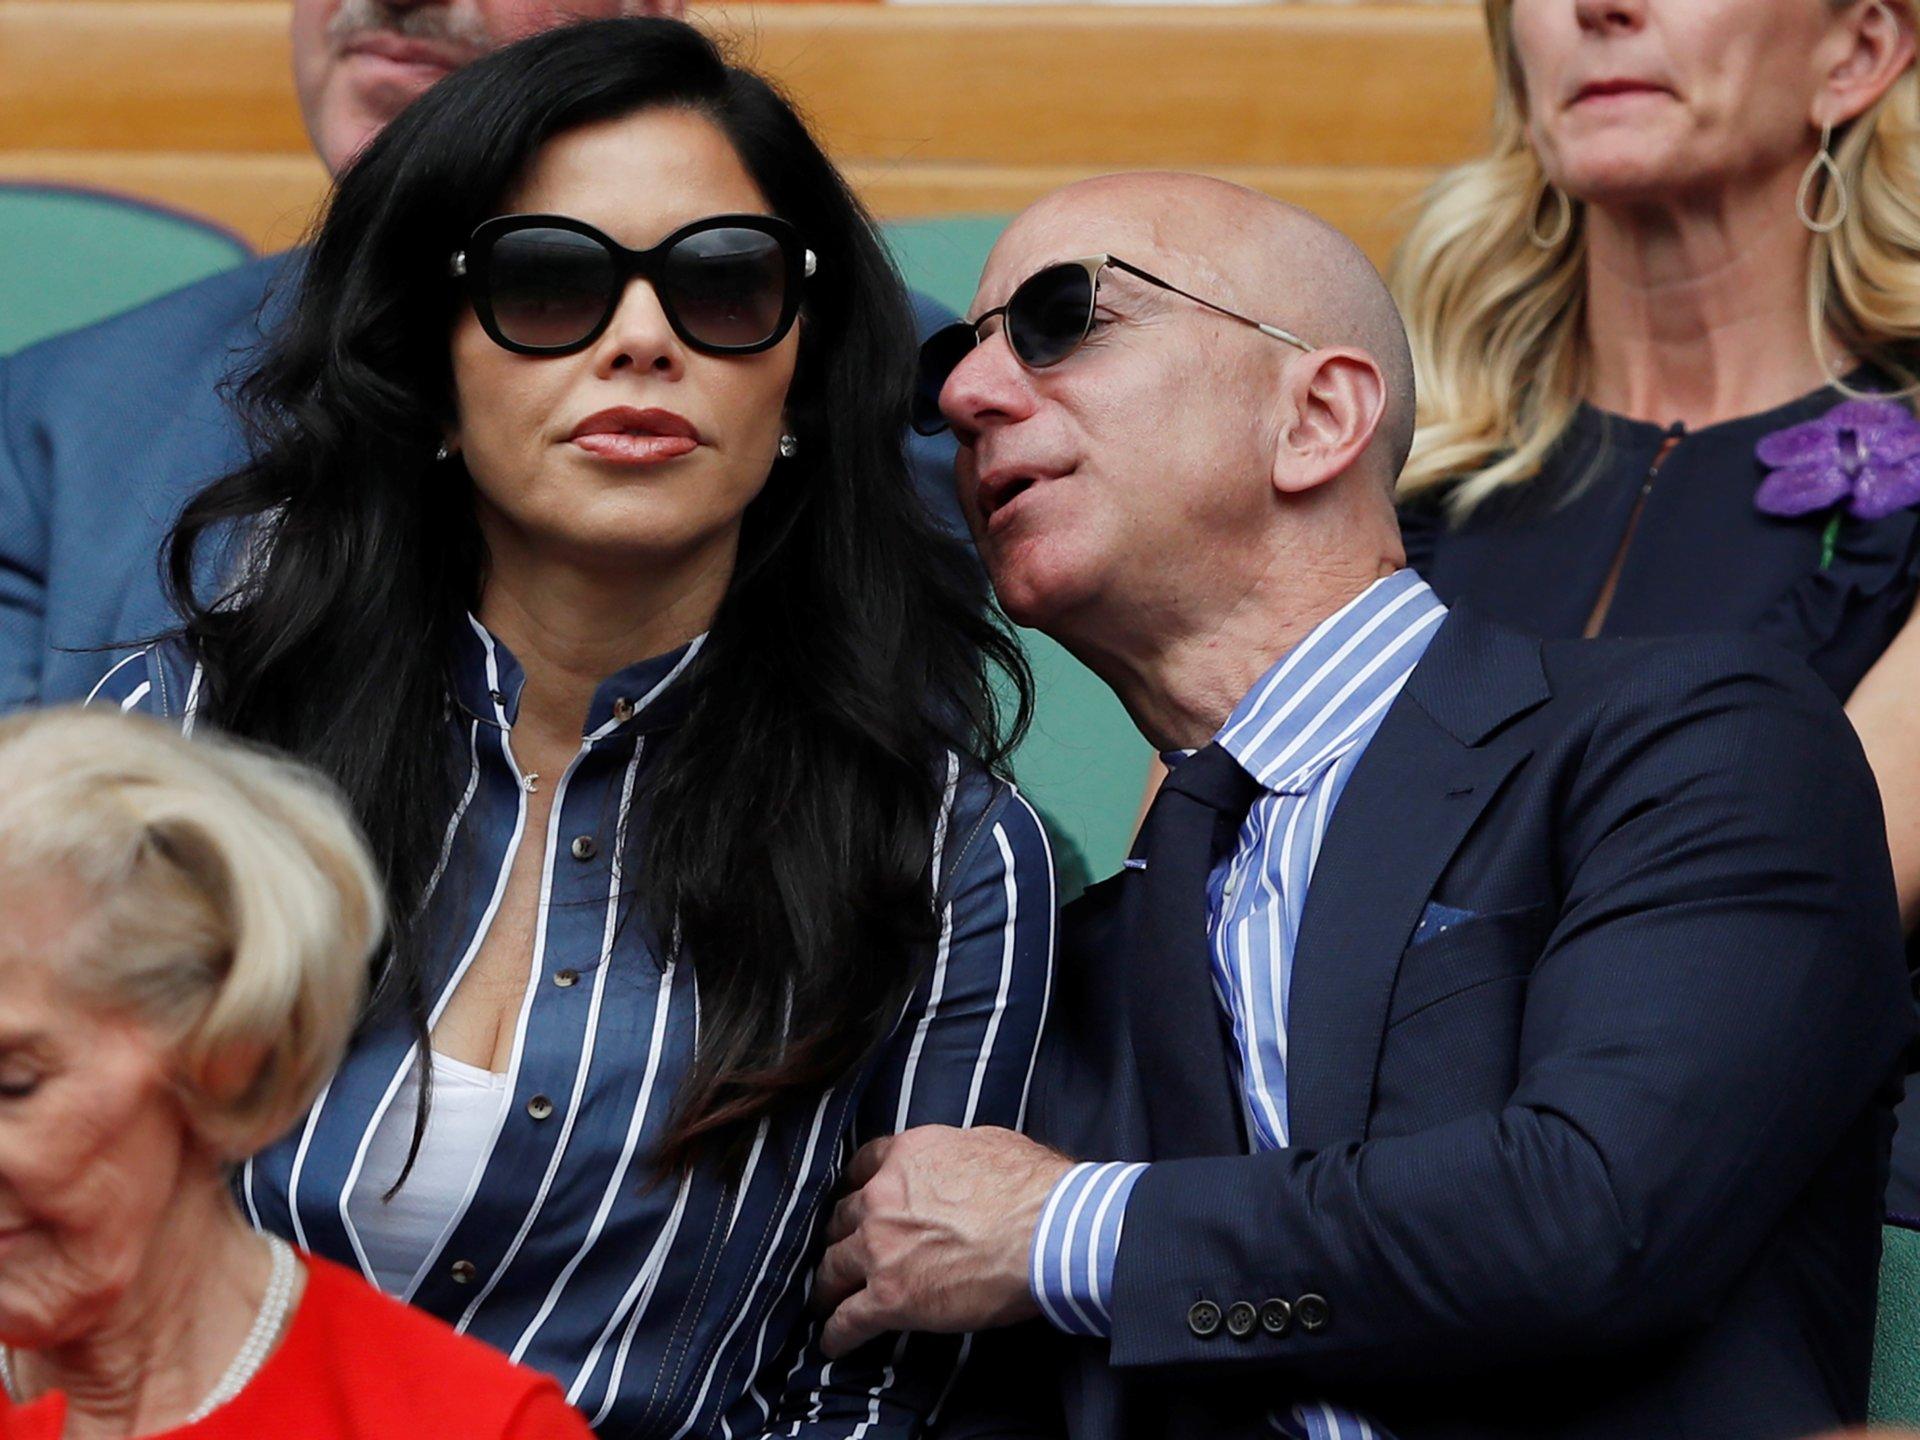 jeff bezos - 5 1568970810 - Tỷ phú giàu nhất thế giới tận hưởng mùa hè vừa qua như thế nào?